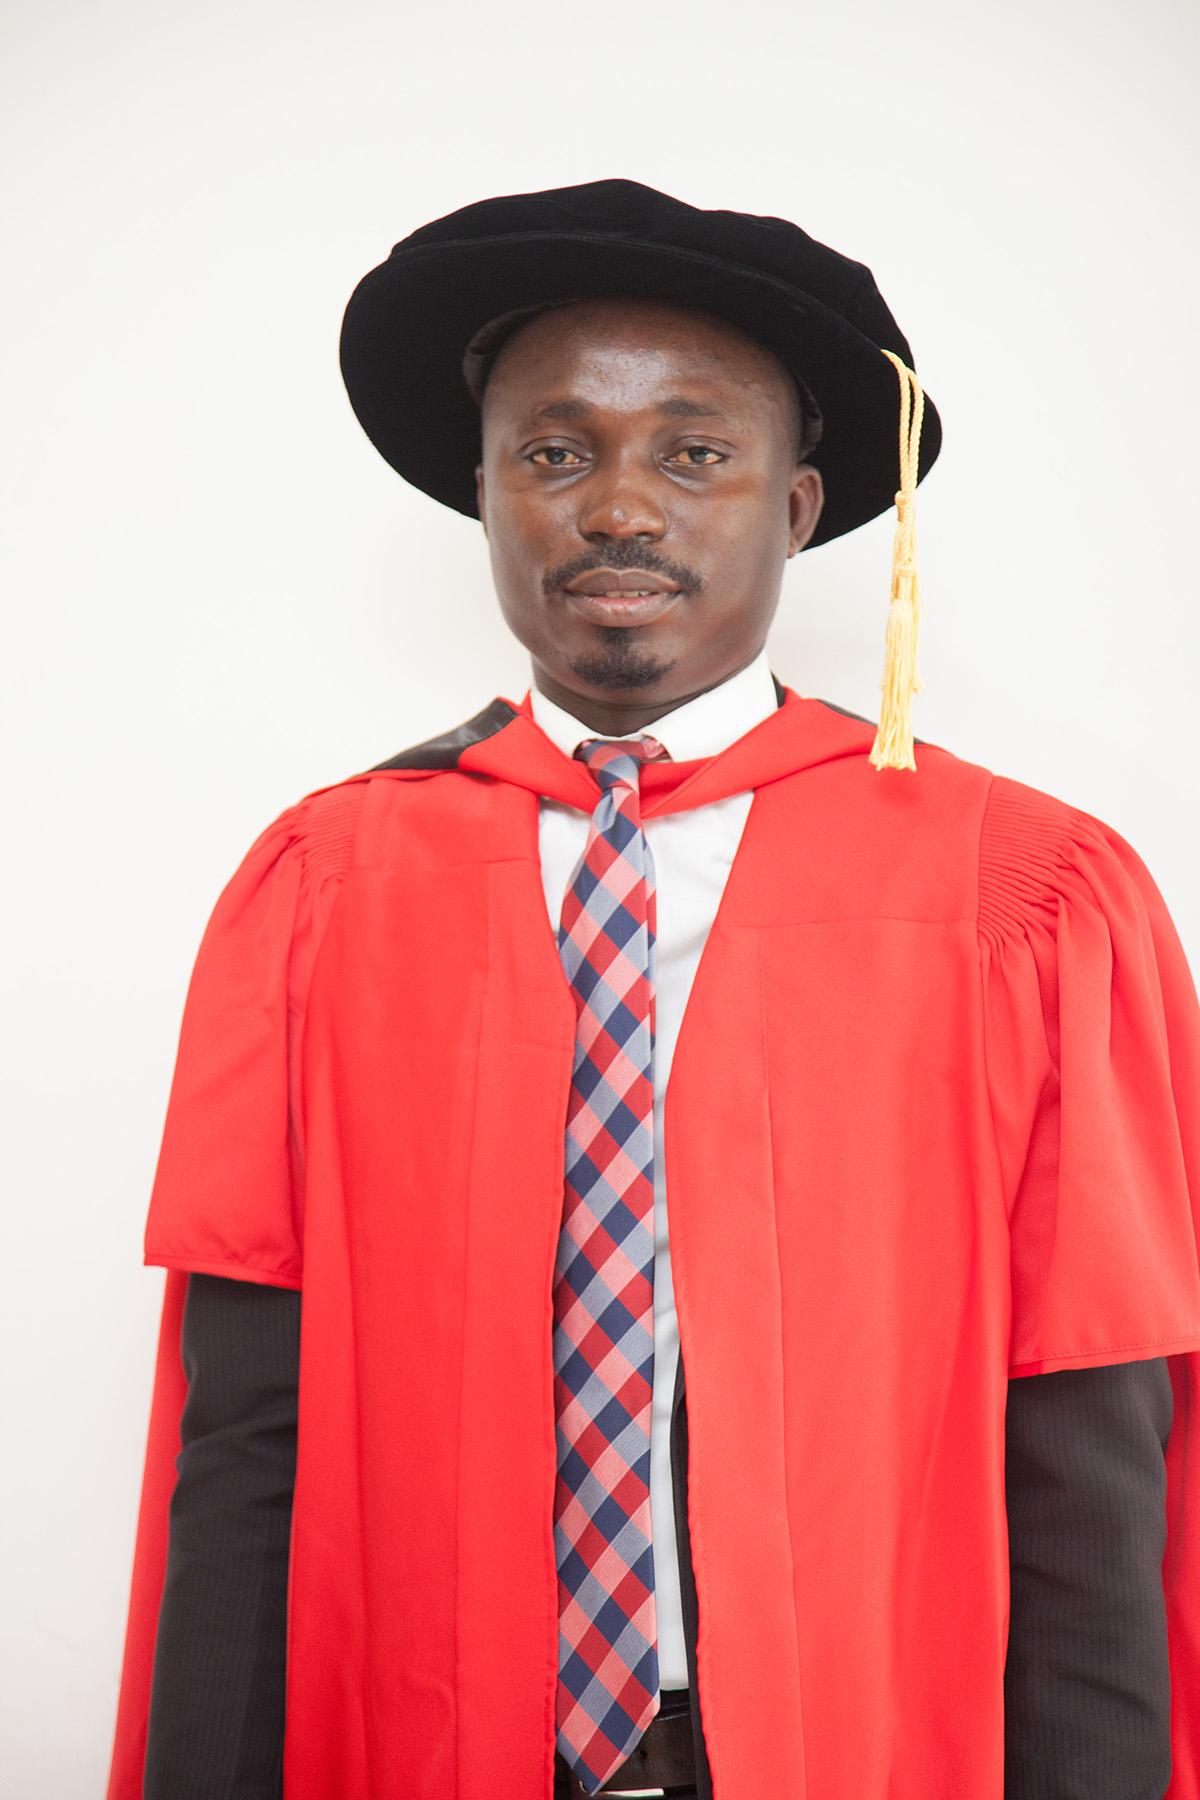 Dr. Alexander Asmah